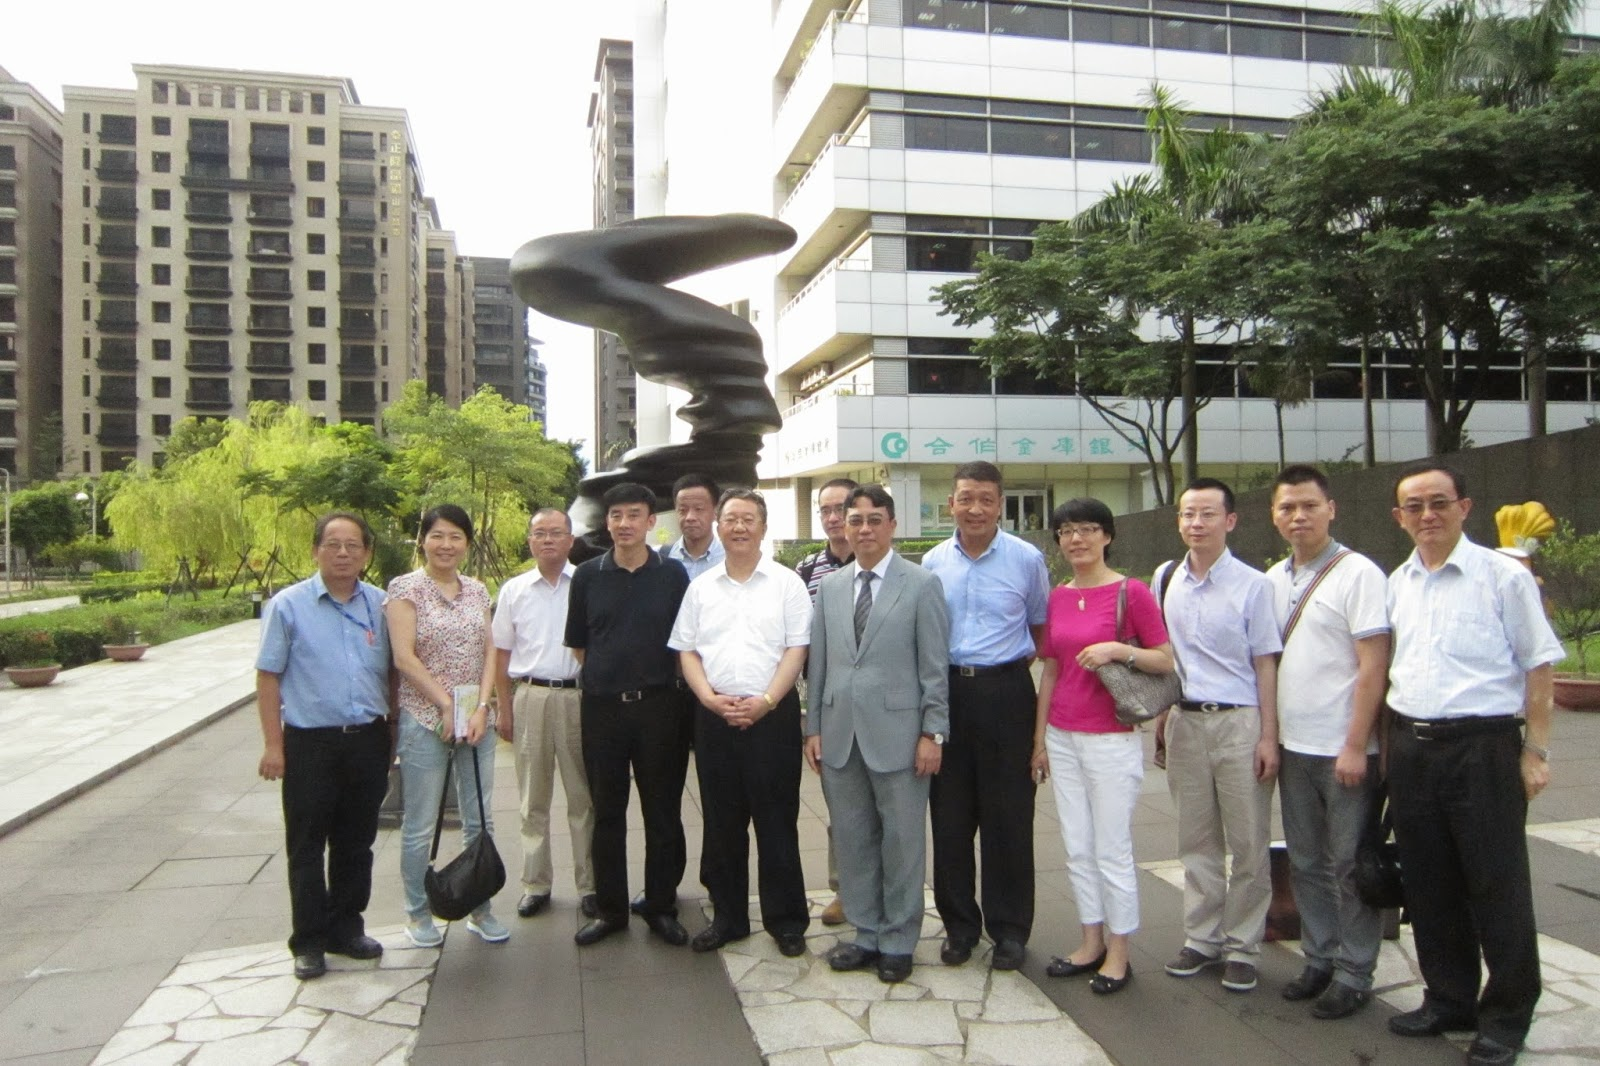 上海市楊浦區參訪團